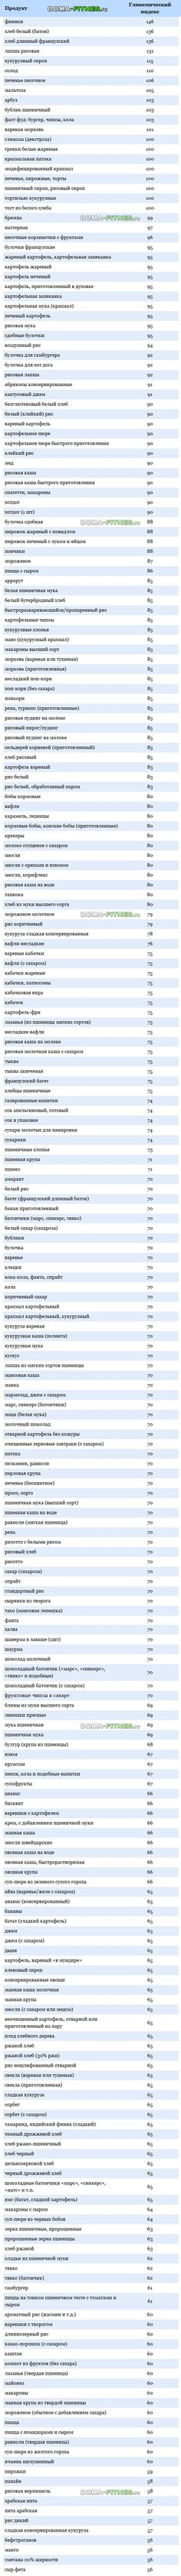 Быстрые углеводы - cписок продуктов и таблица   Фитнес дома онлайн